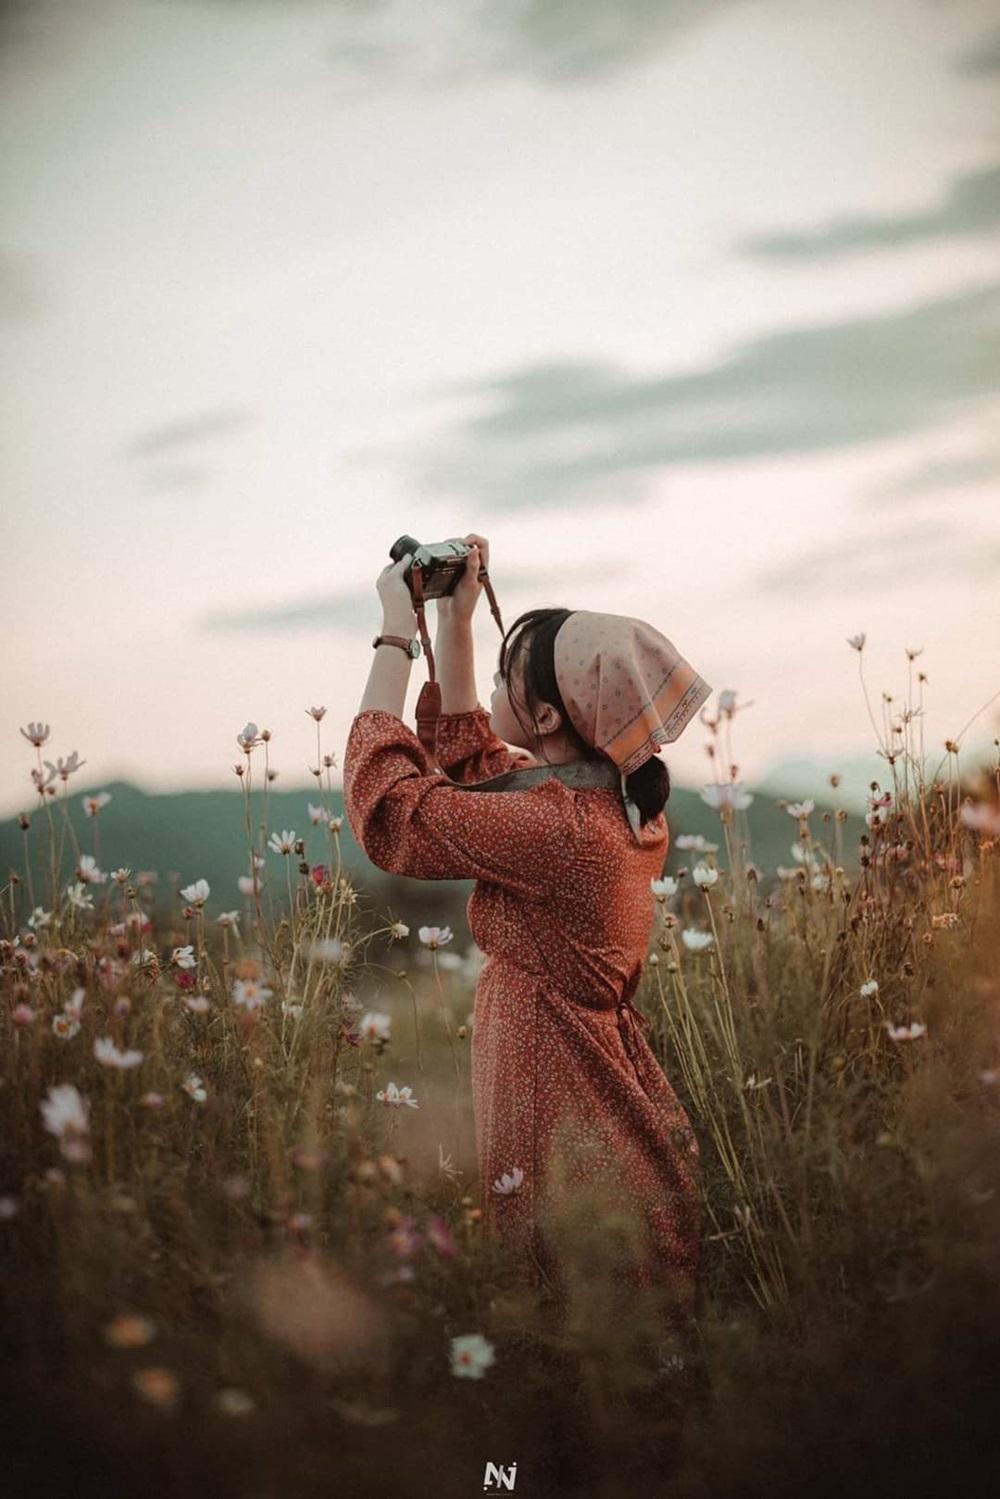 Giới trẻ thường chọn trang phục theo chủ đề, căn chỉnh góc ảnh và thời gian chụp để cho ra những tác phẩm nghệ thuật bên hoa.